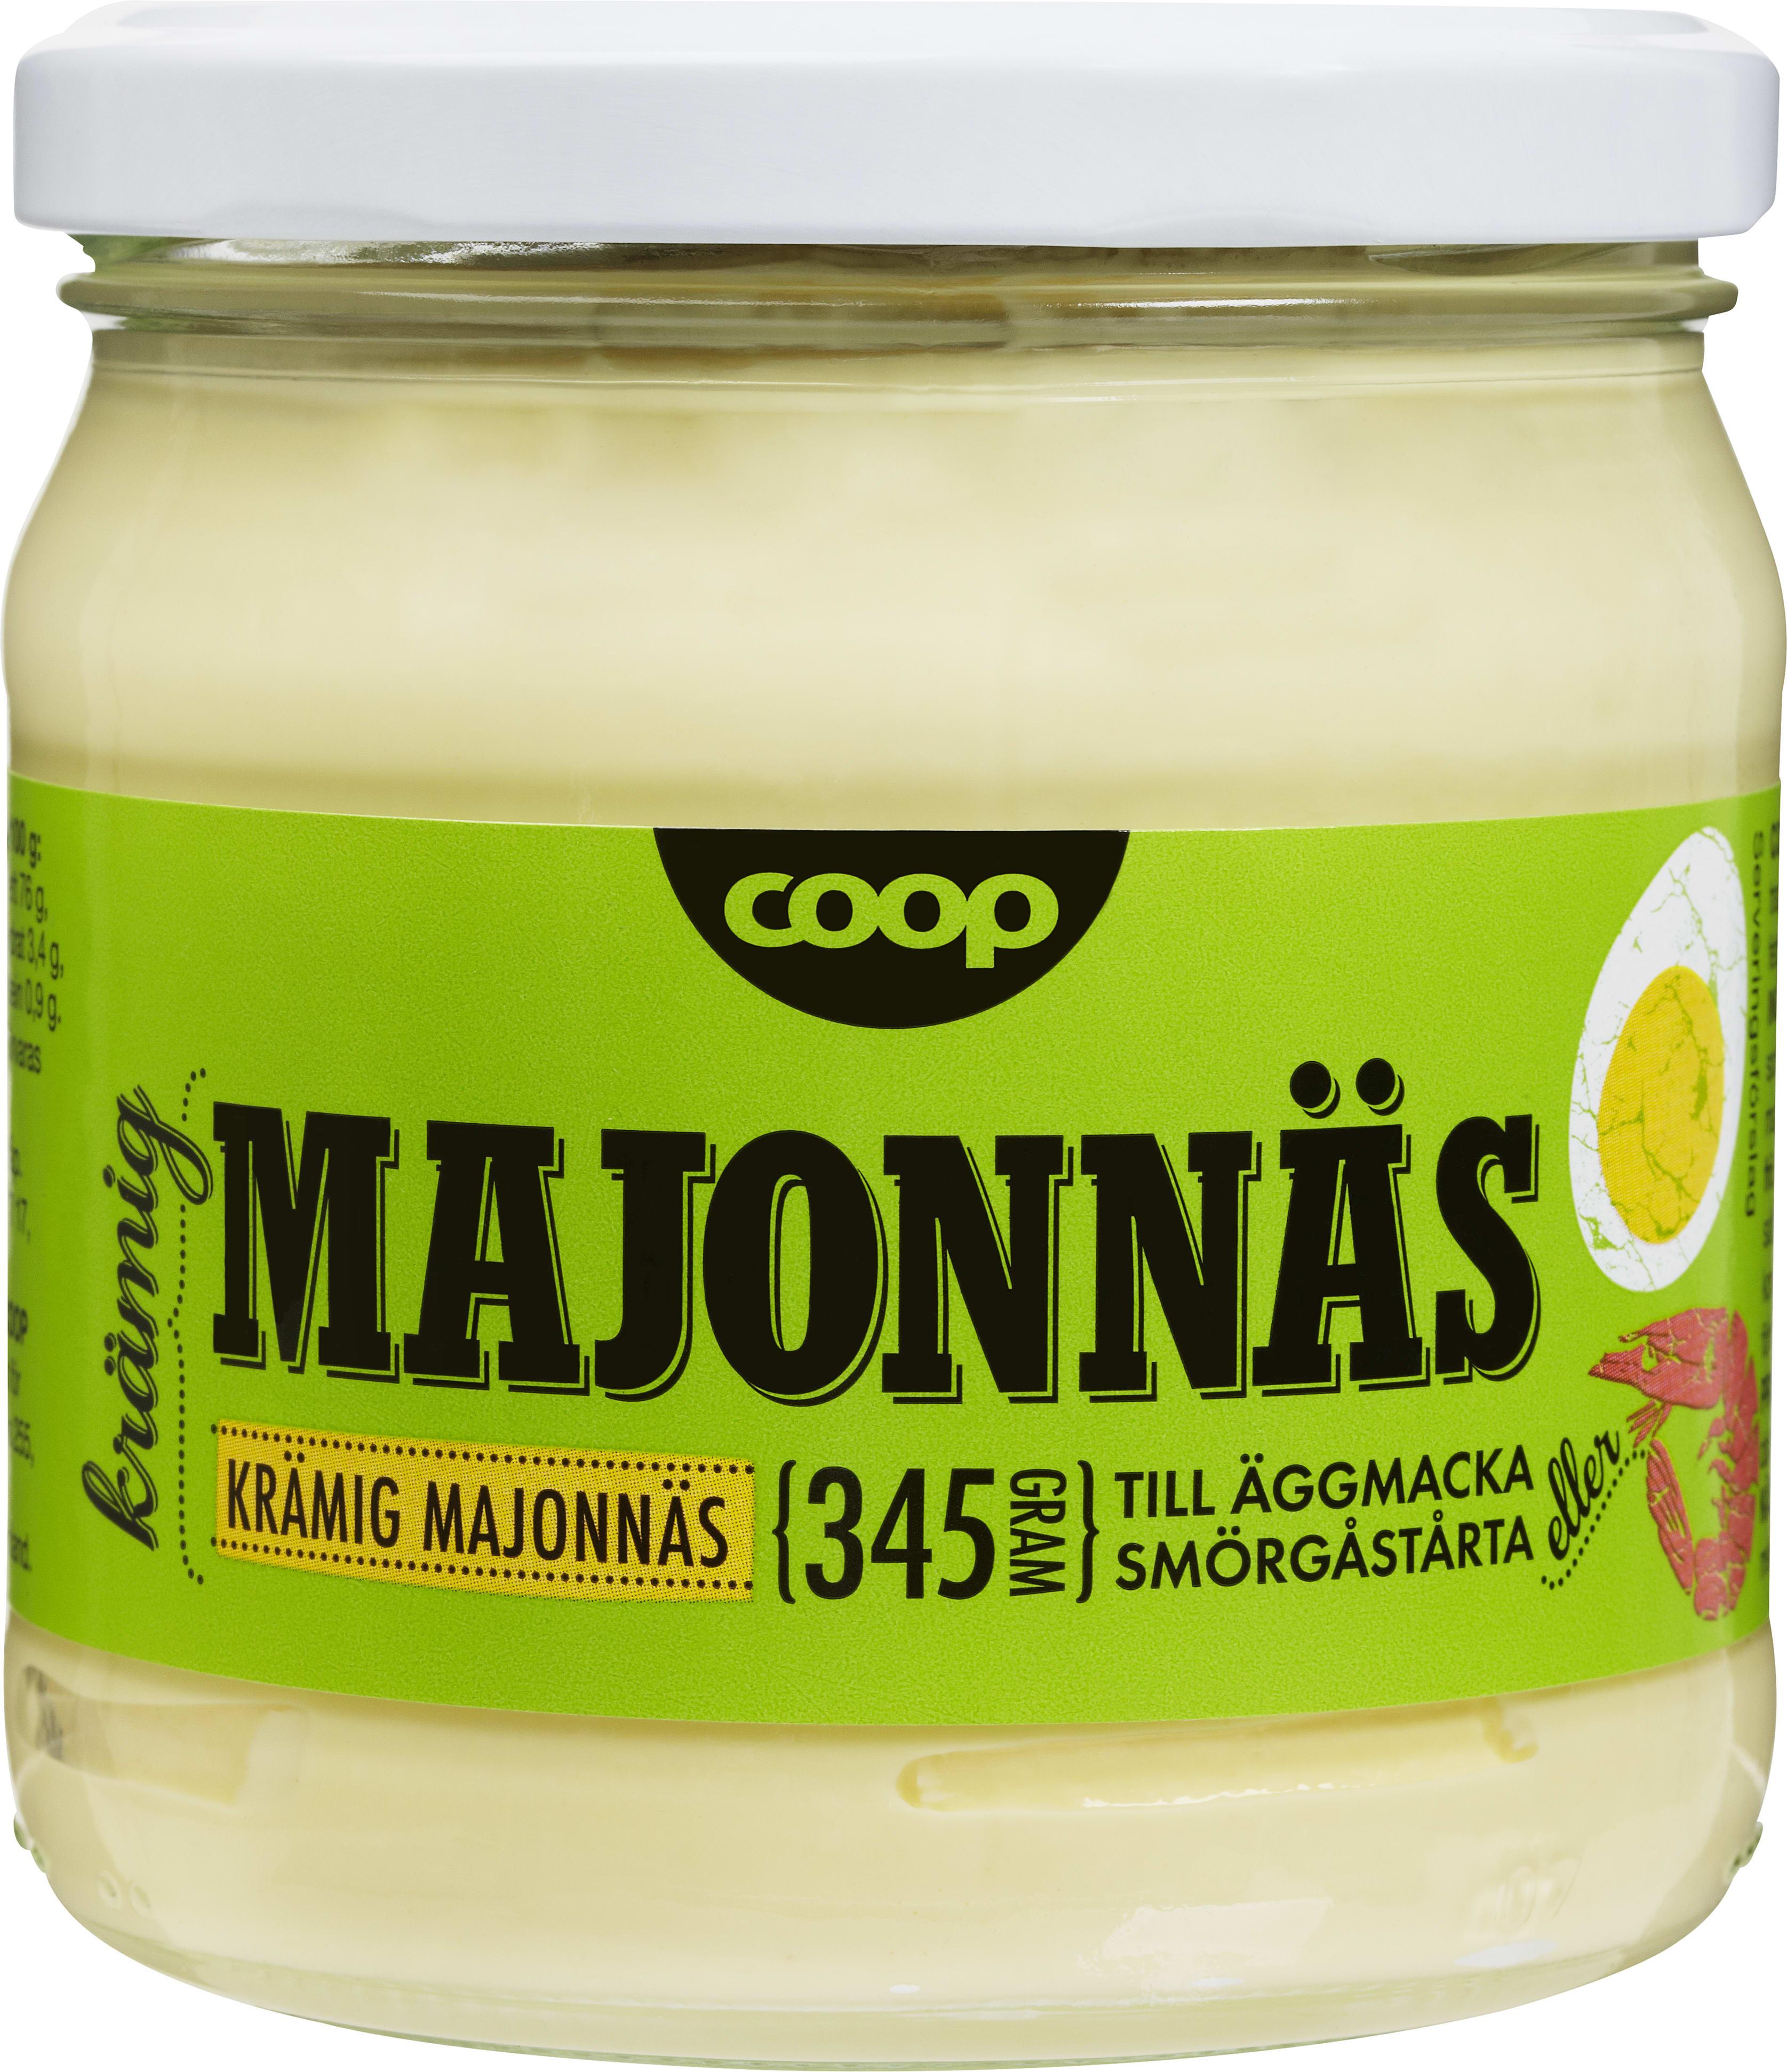 coop extra majonnäs